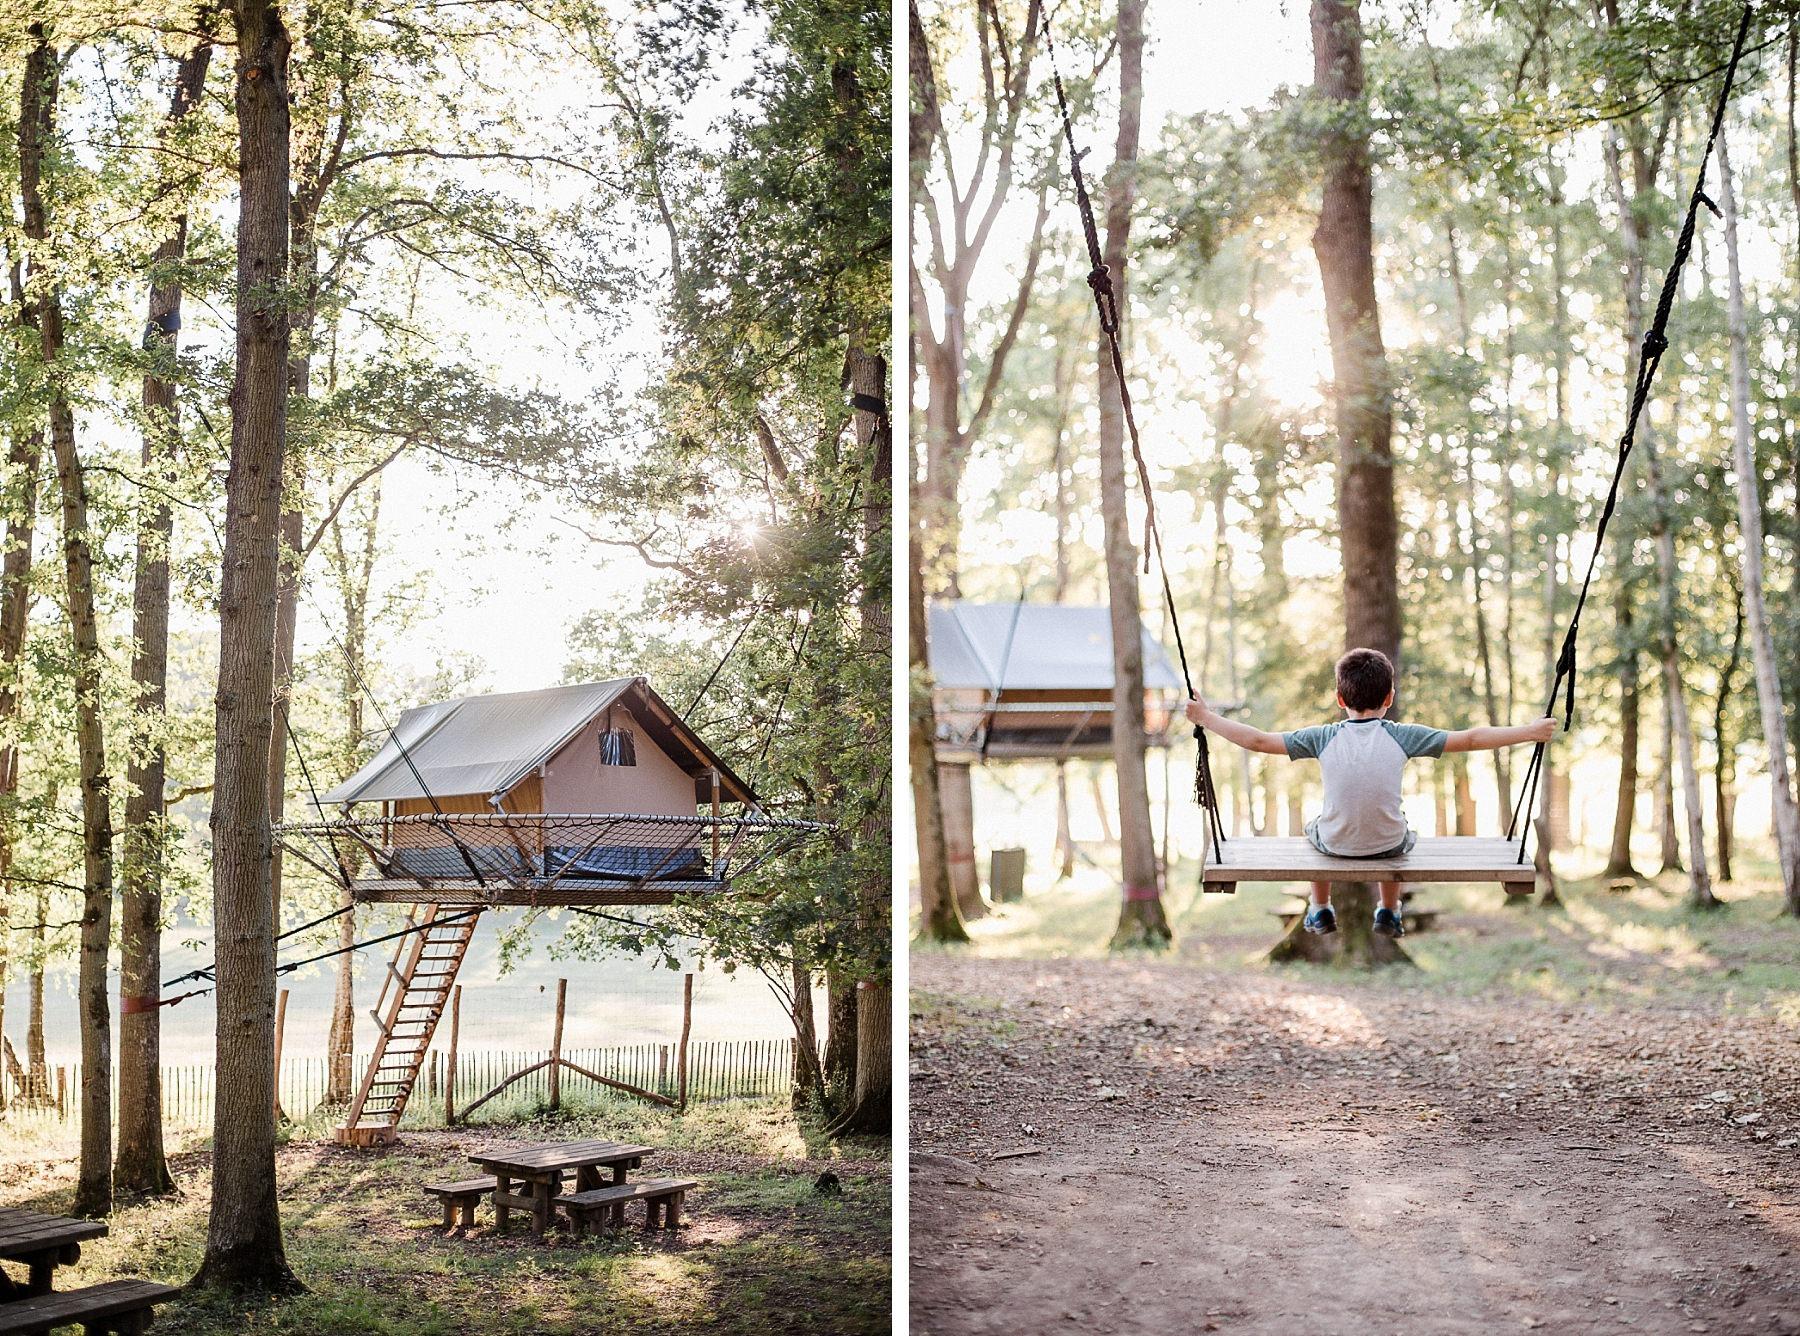 Tree Tents - Dormir dans les arbres aux Grottes de Han